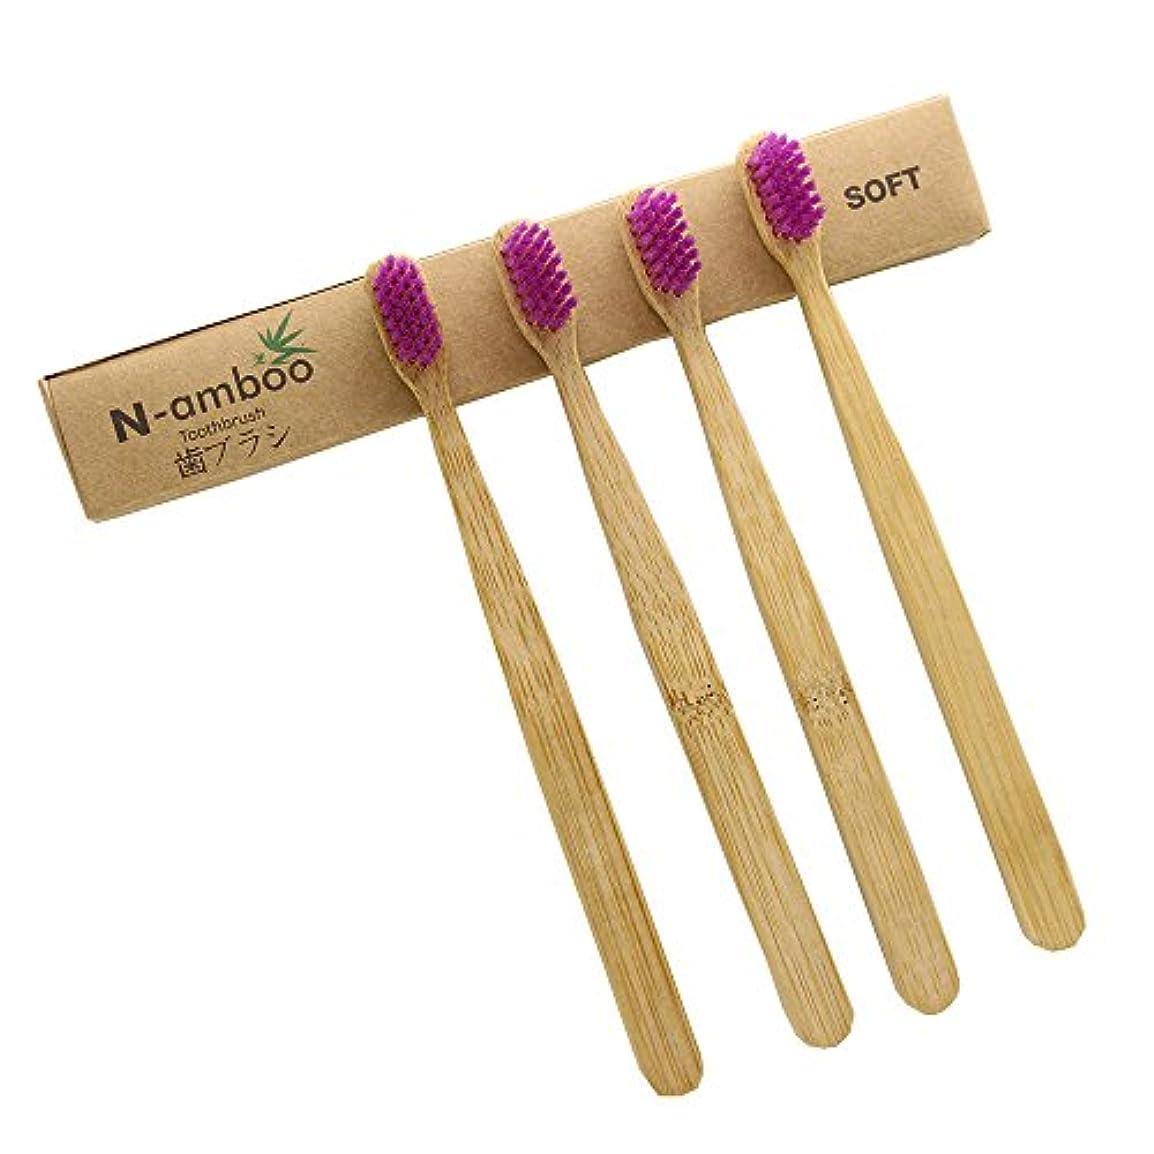 割合最終ワインN-amboo 竹製 歯ブラシ 高耐久性 むらさきいろ エコ 色あざやか (4本)